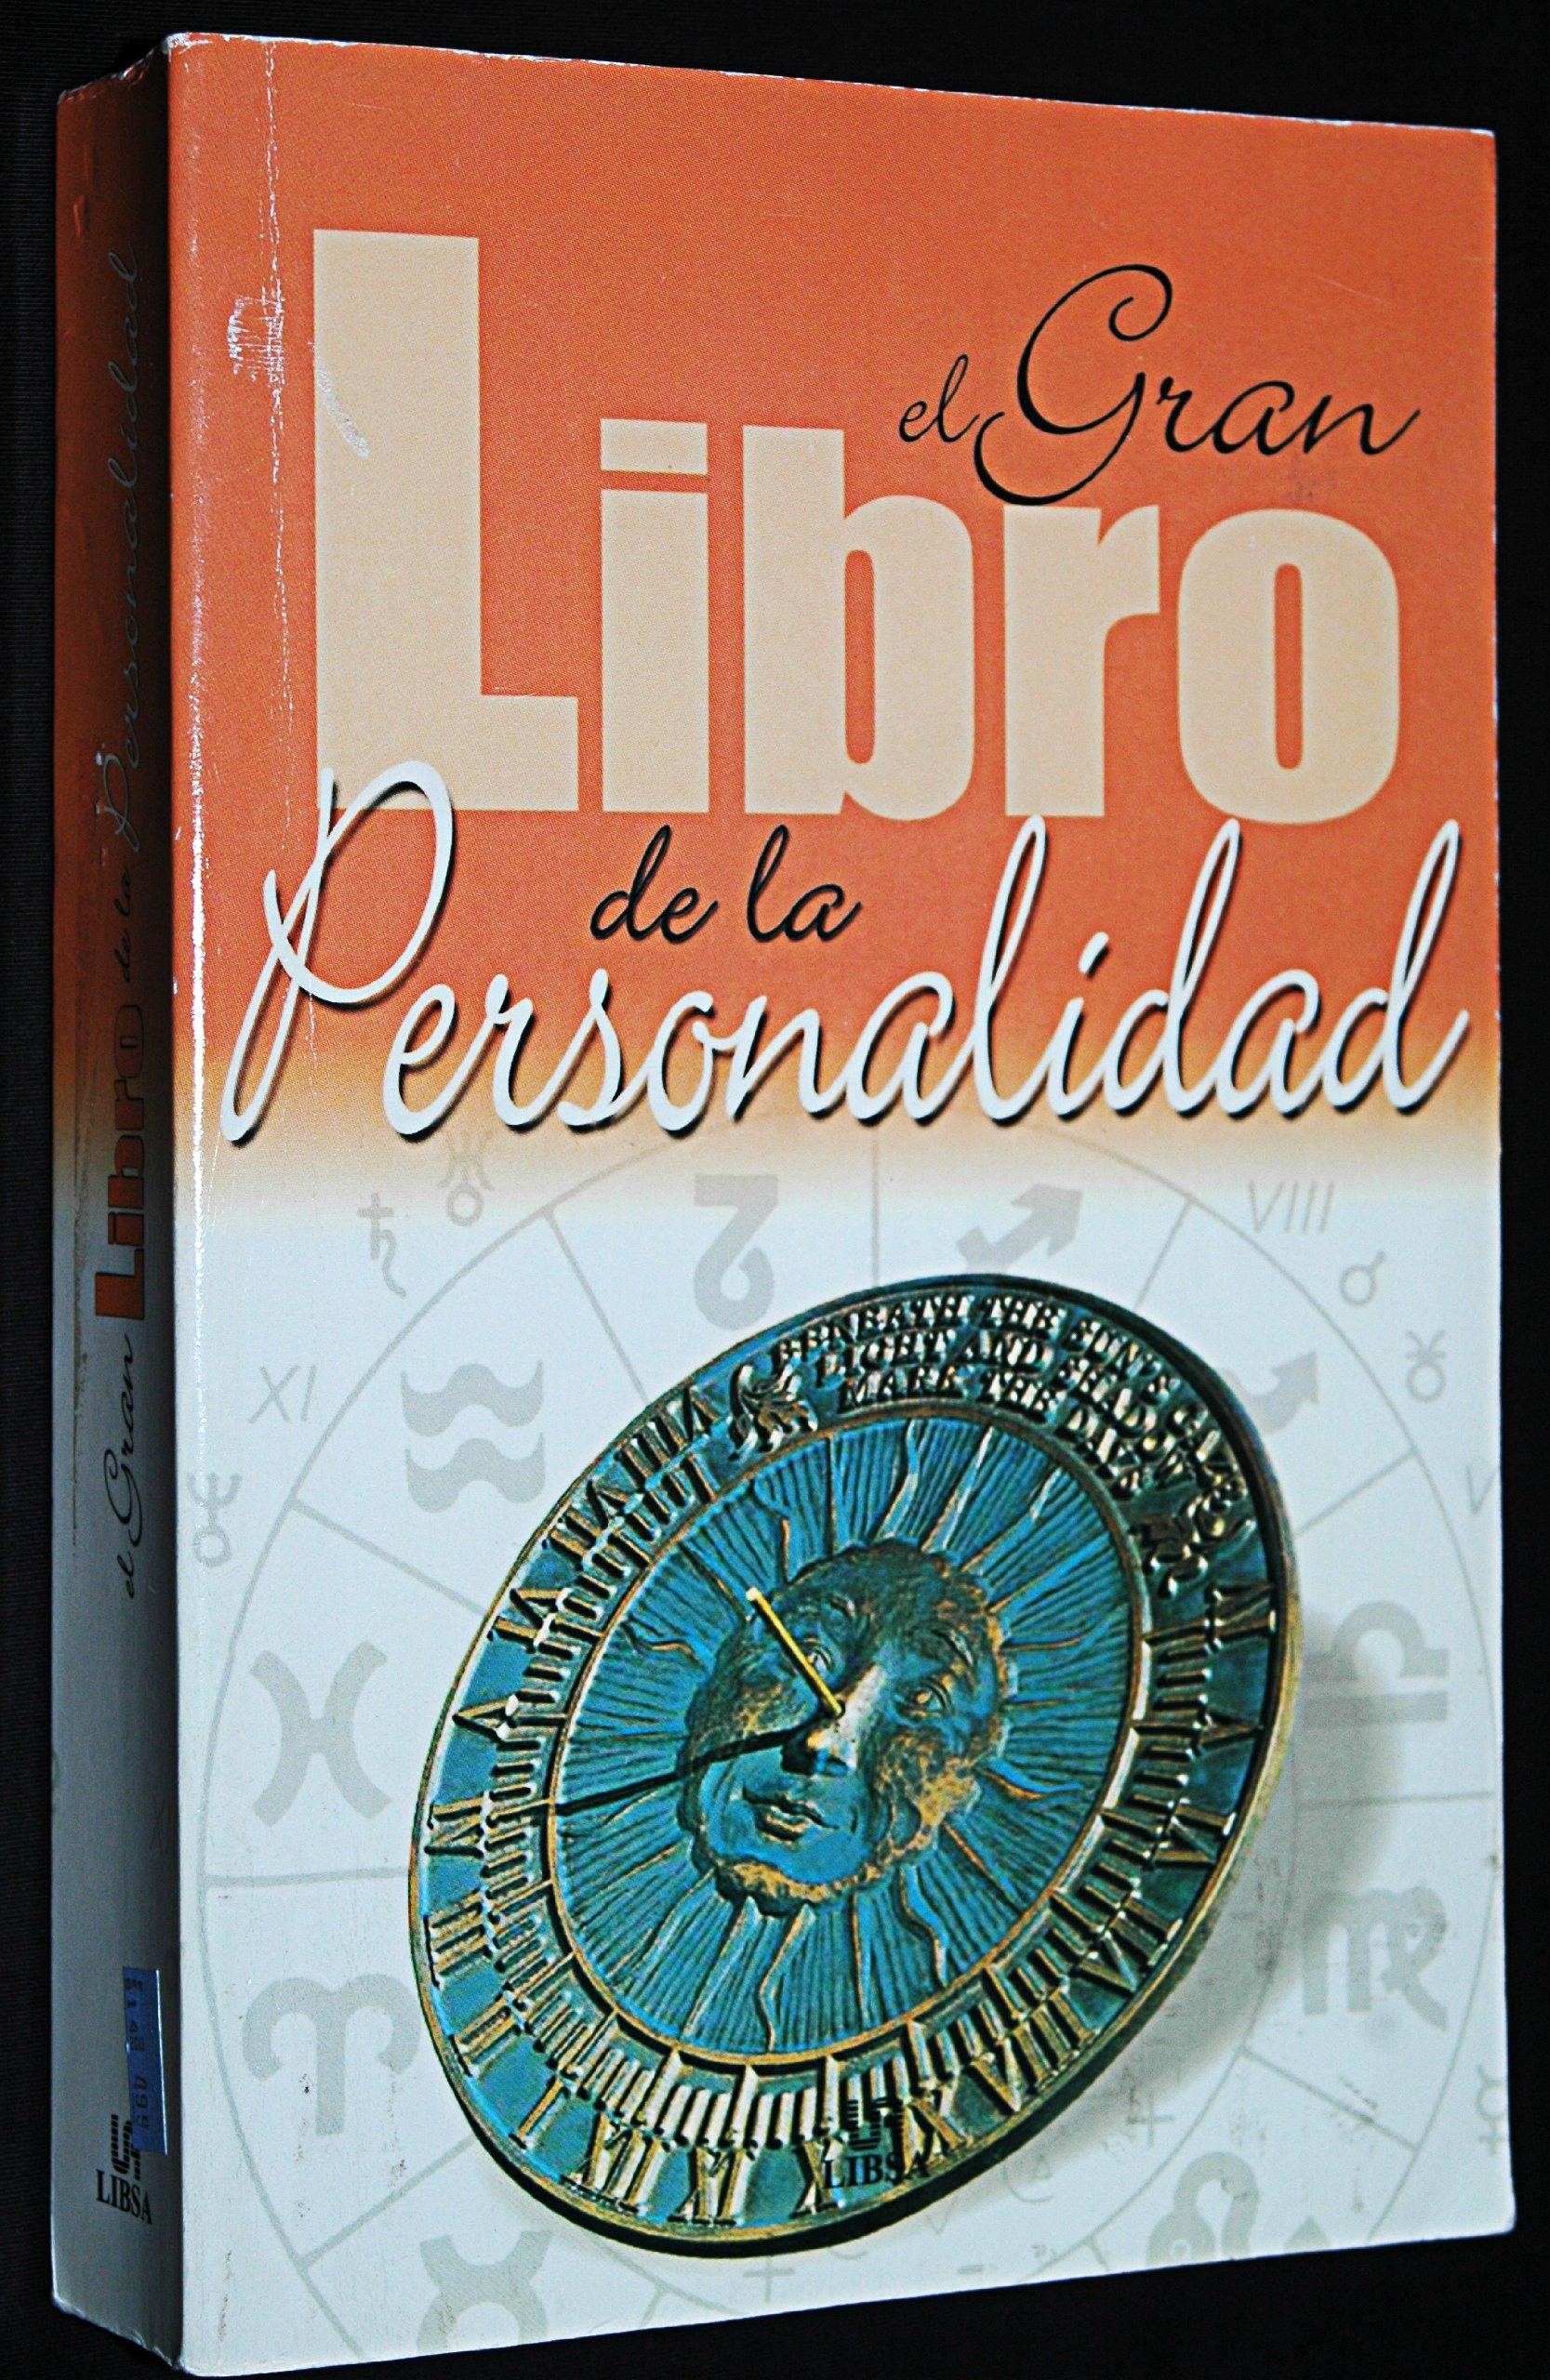 Download El gran libro de la personalidad / The Great Personality Book (Spanish Edition) PDF